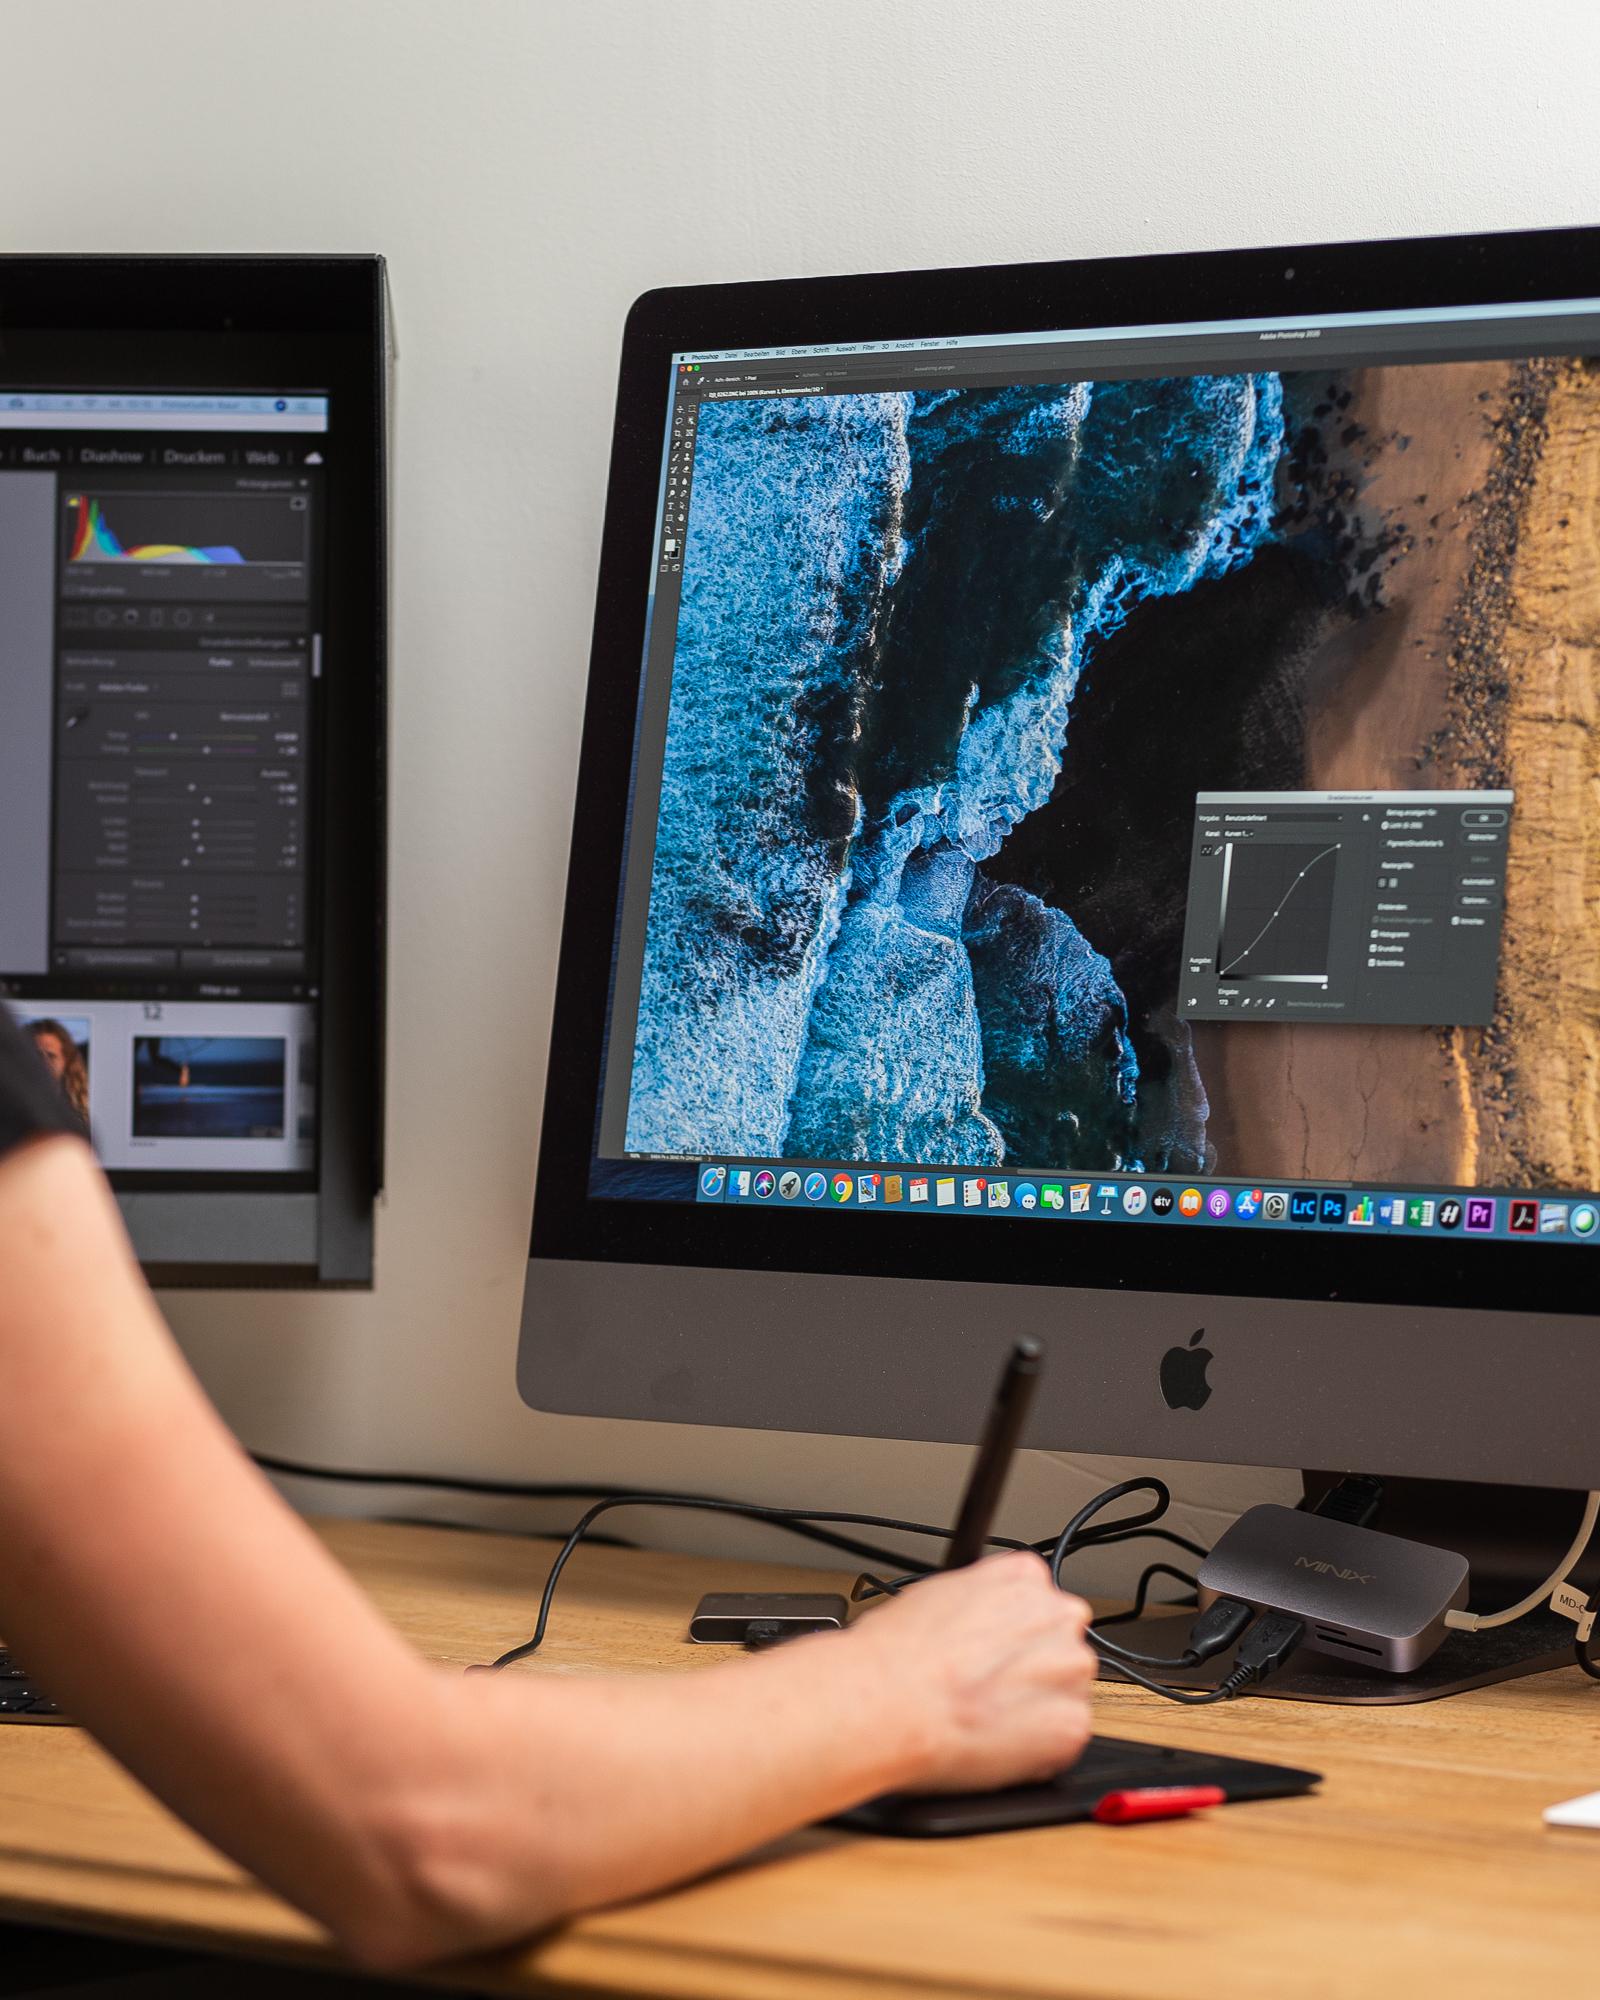 Der Einstieg in die Welt der professionellen Bildbearbeitung mit Photoshop